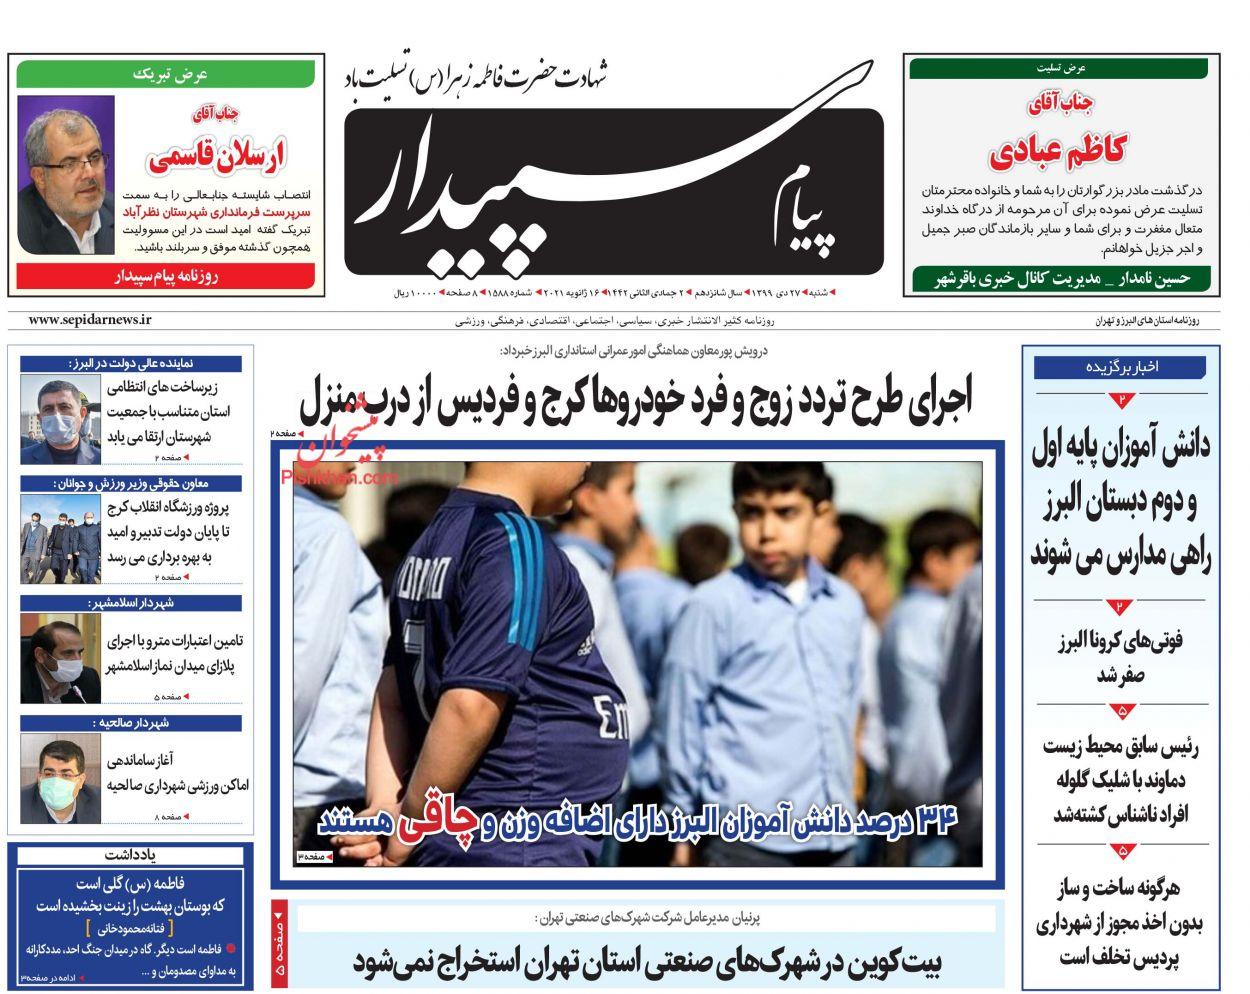 عناوین اخبار روزنامه پیام سپیدار در روز شنبه ۲۷ دی